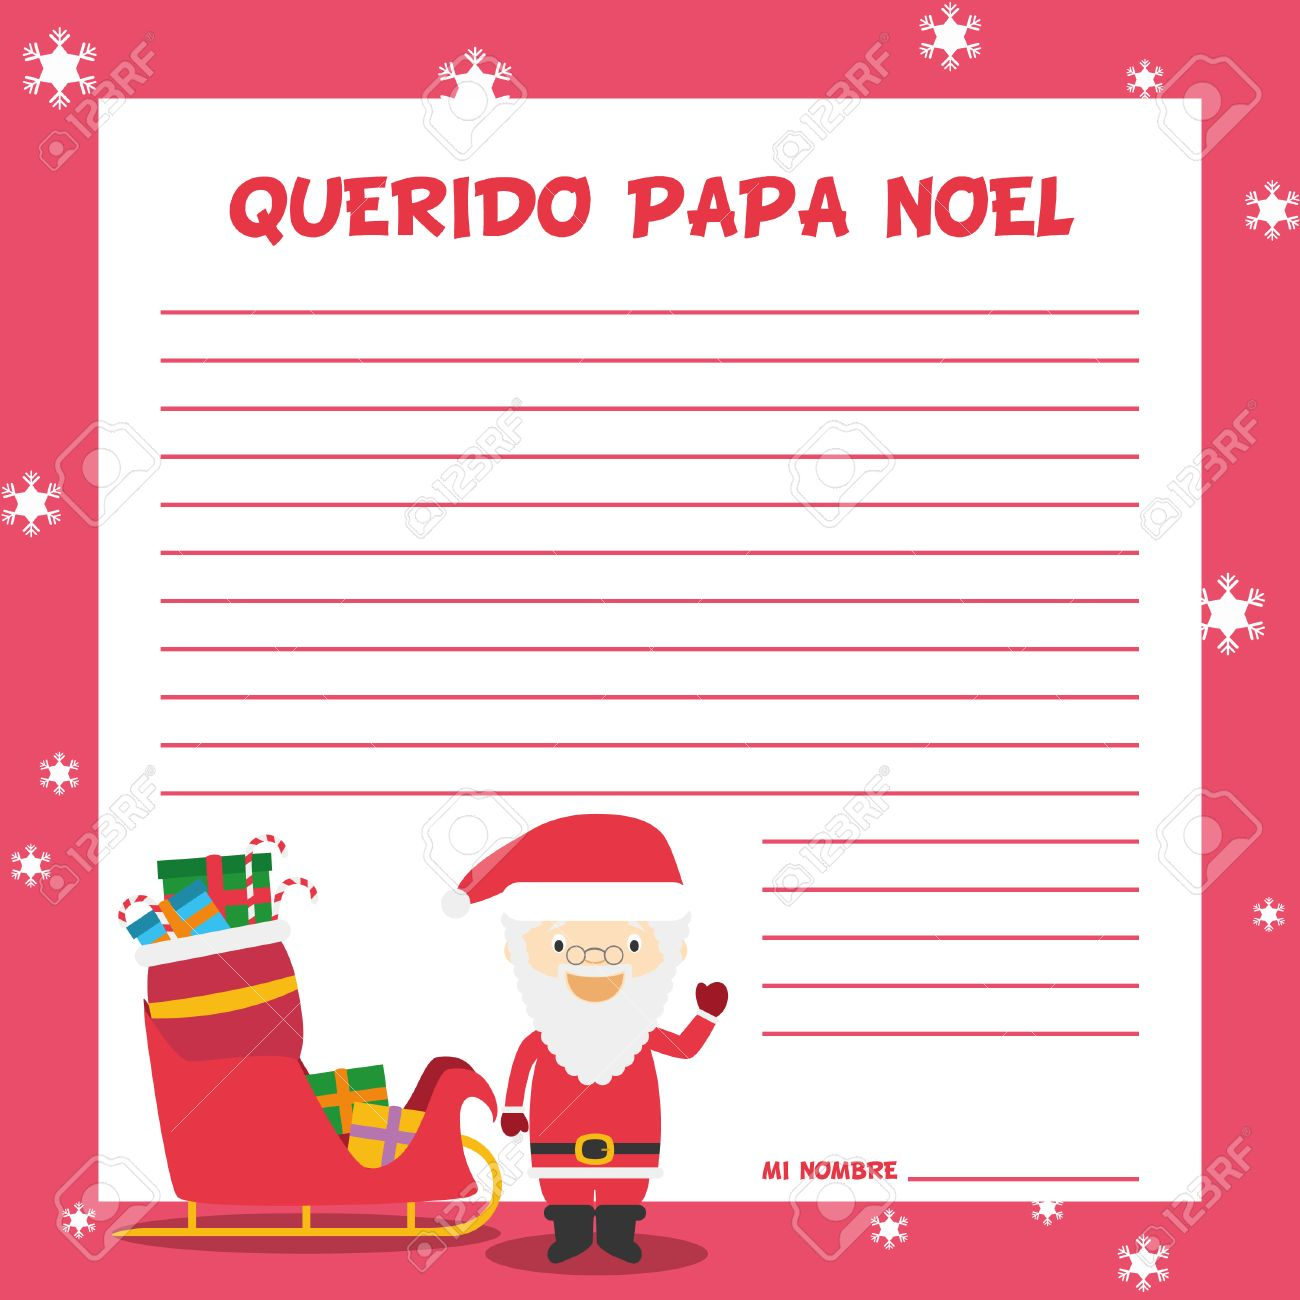 Lettre Pour Le Pere Noel.Père Noël Modèle De Lettre Illustration Vectorielle Pour Le Temps De Noël En Espagnol